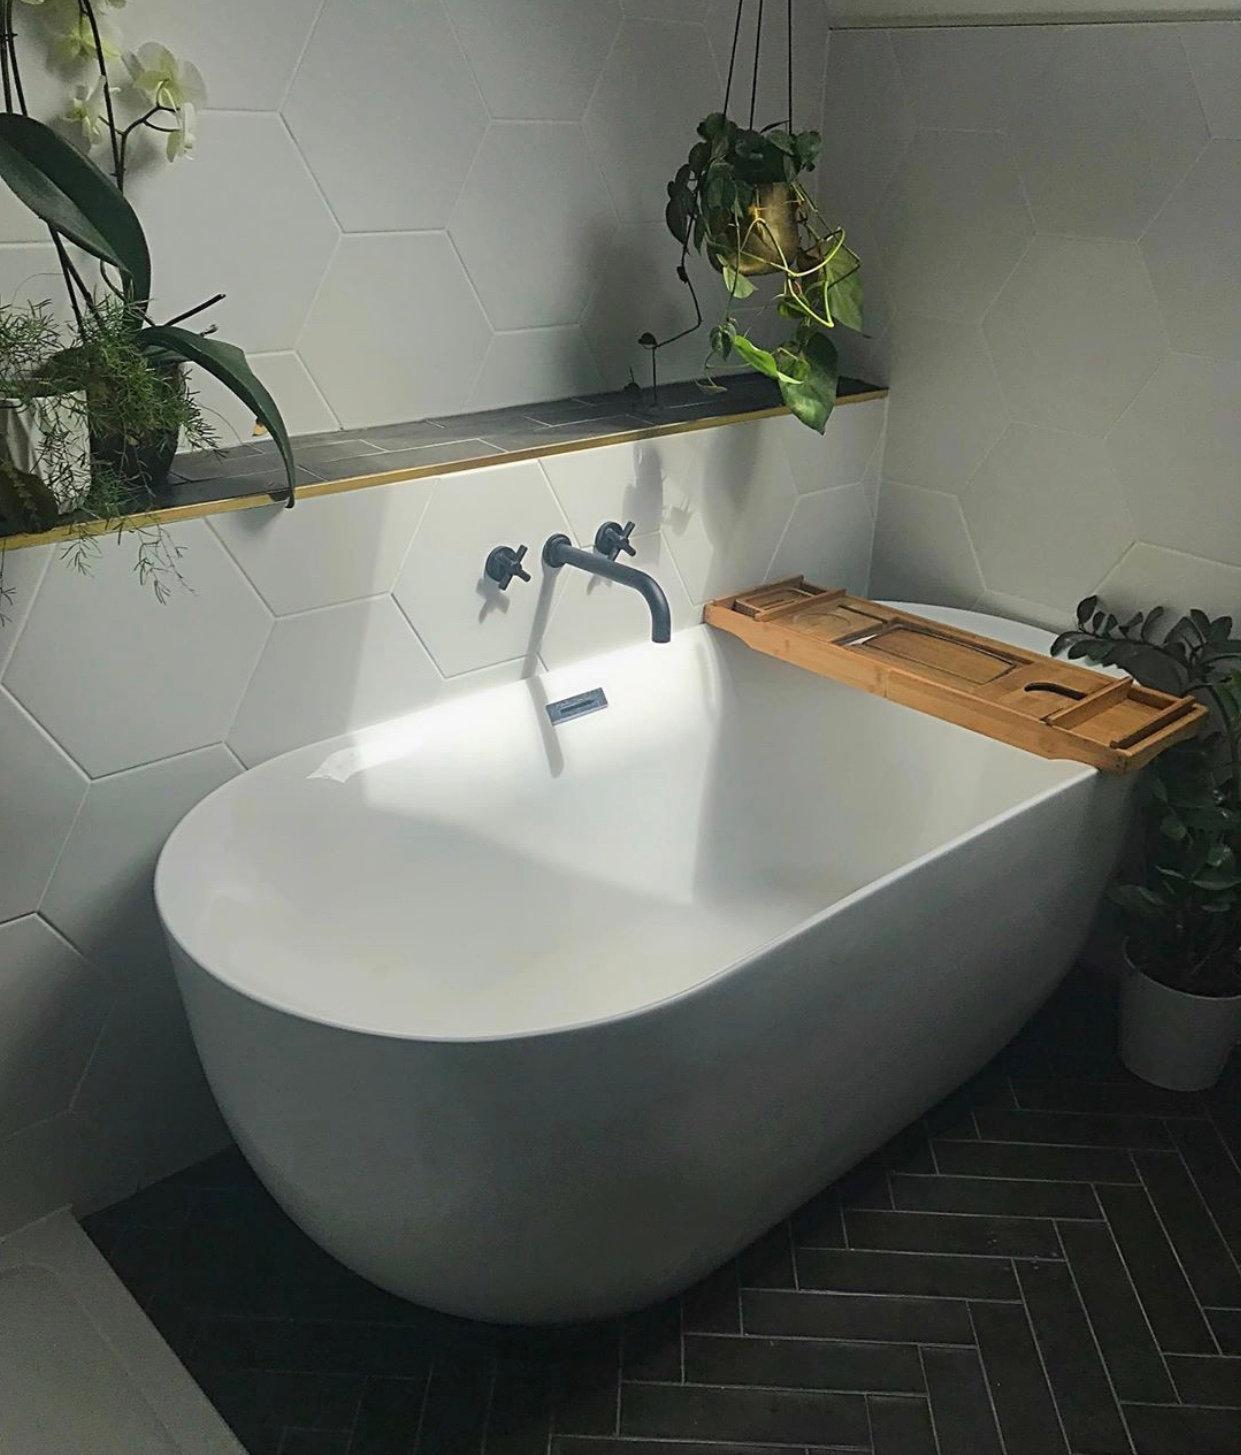 Swap of Bathroom Suite